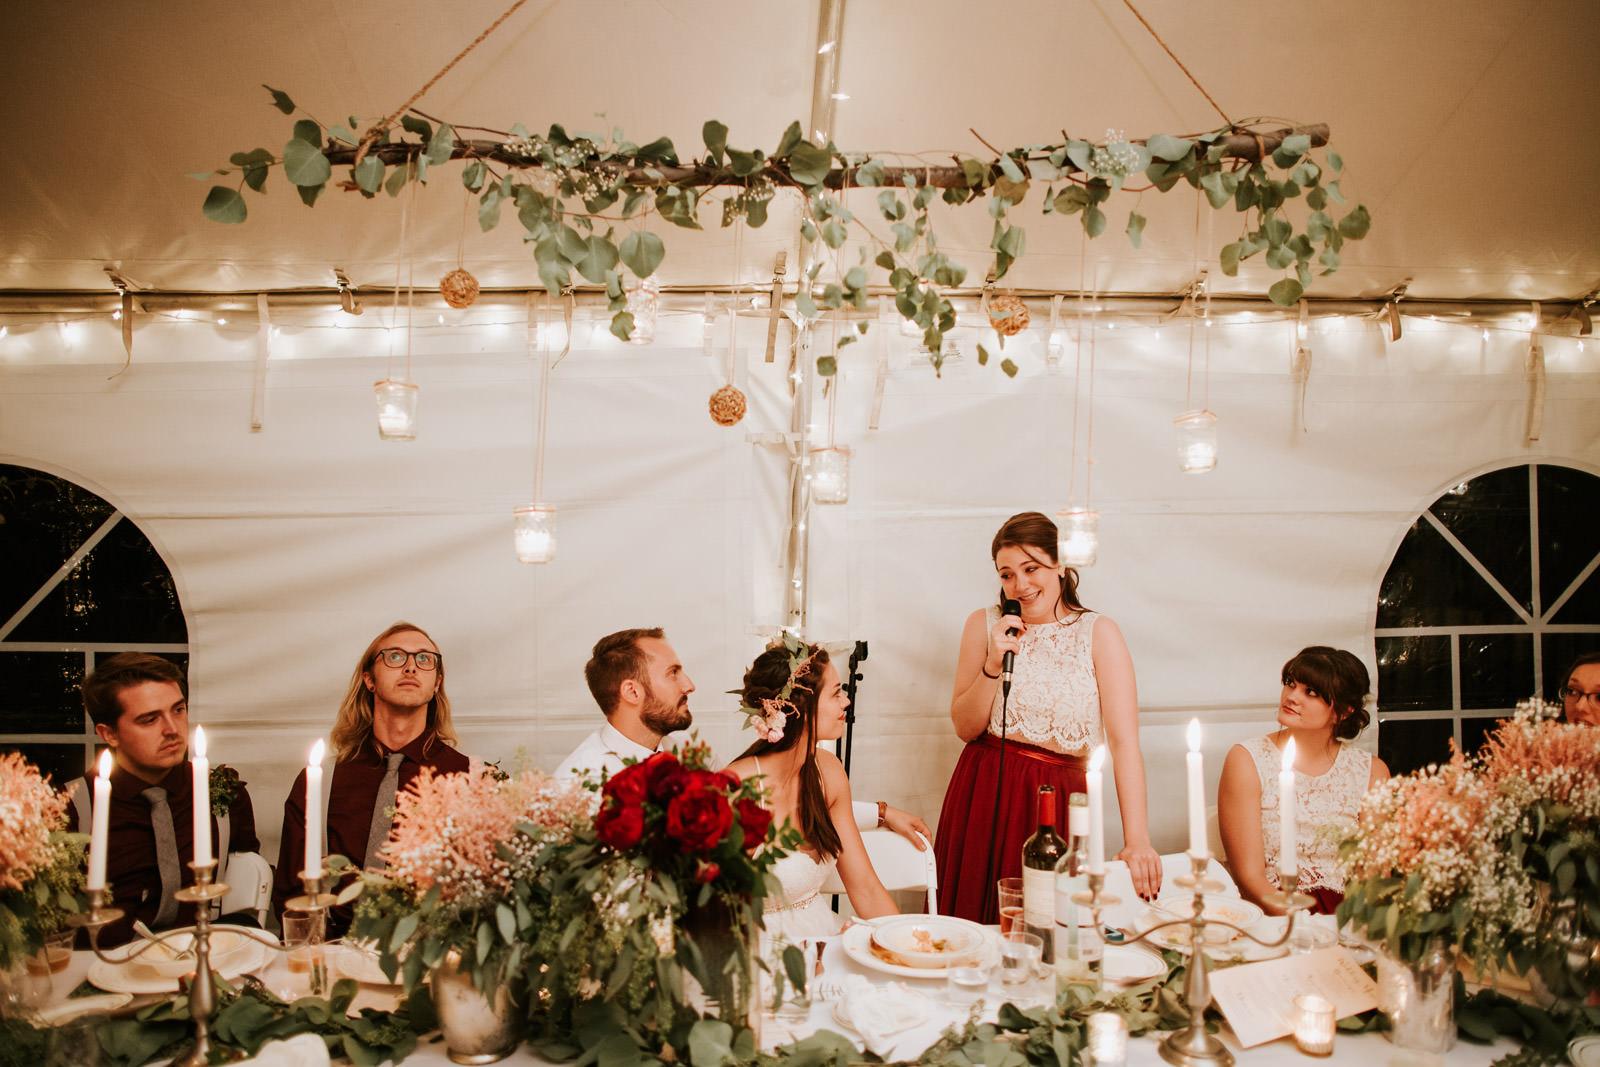 Chicago Backyard Outdoor wedding photos